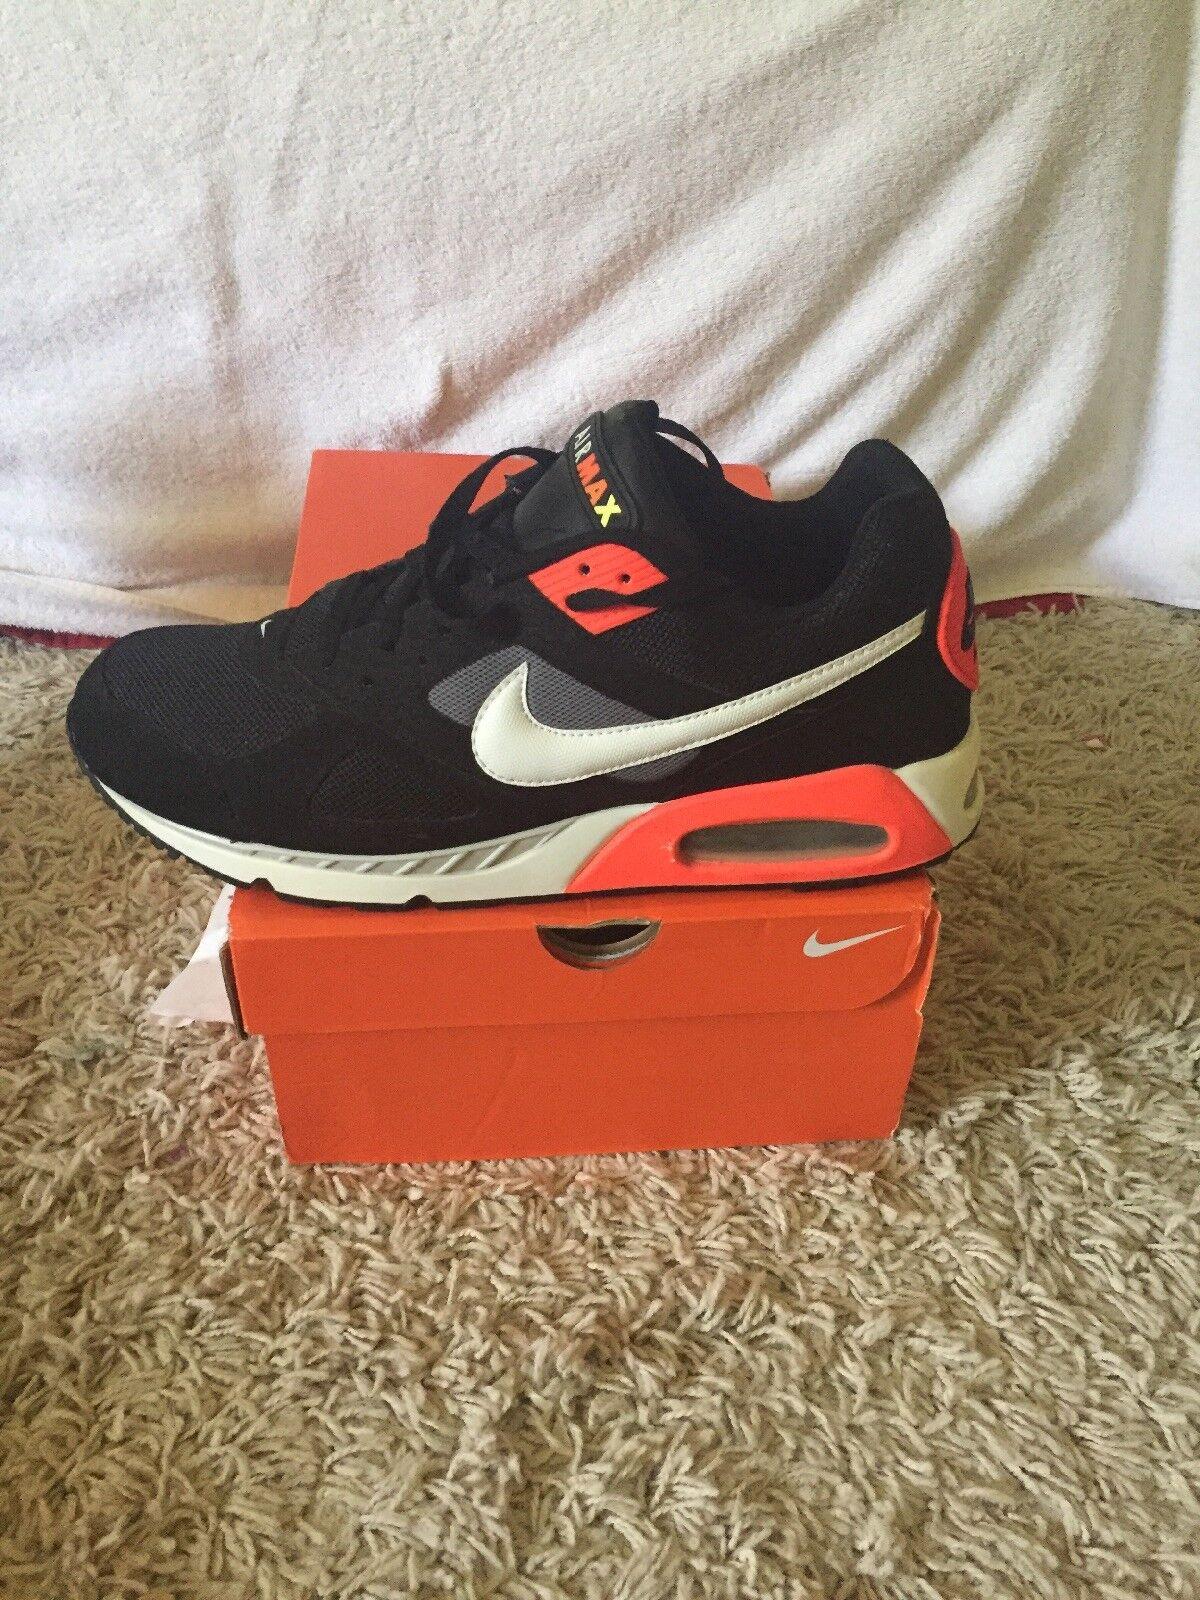 Nike air max ivo - bianco e nero & 12 infrarossi - uomo numero 12 & 68e49e